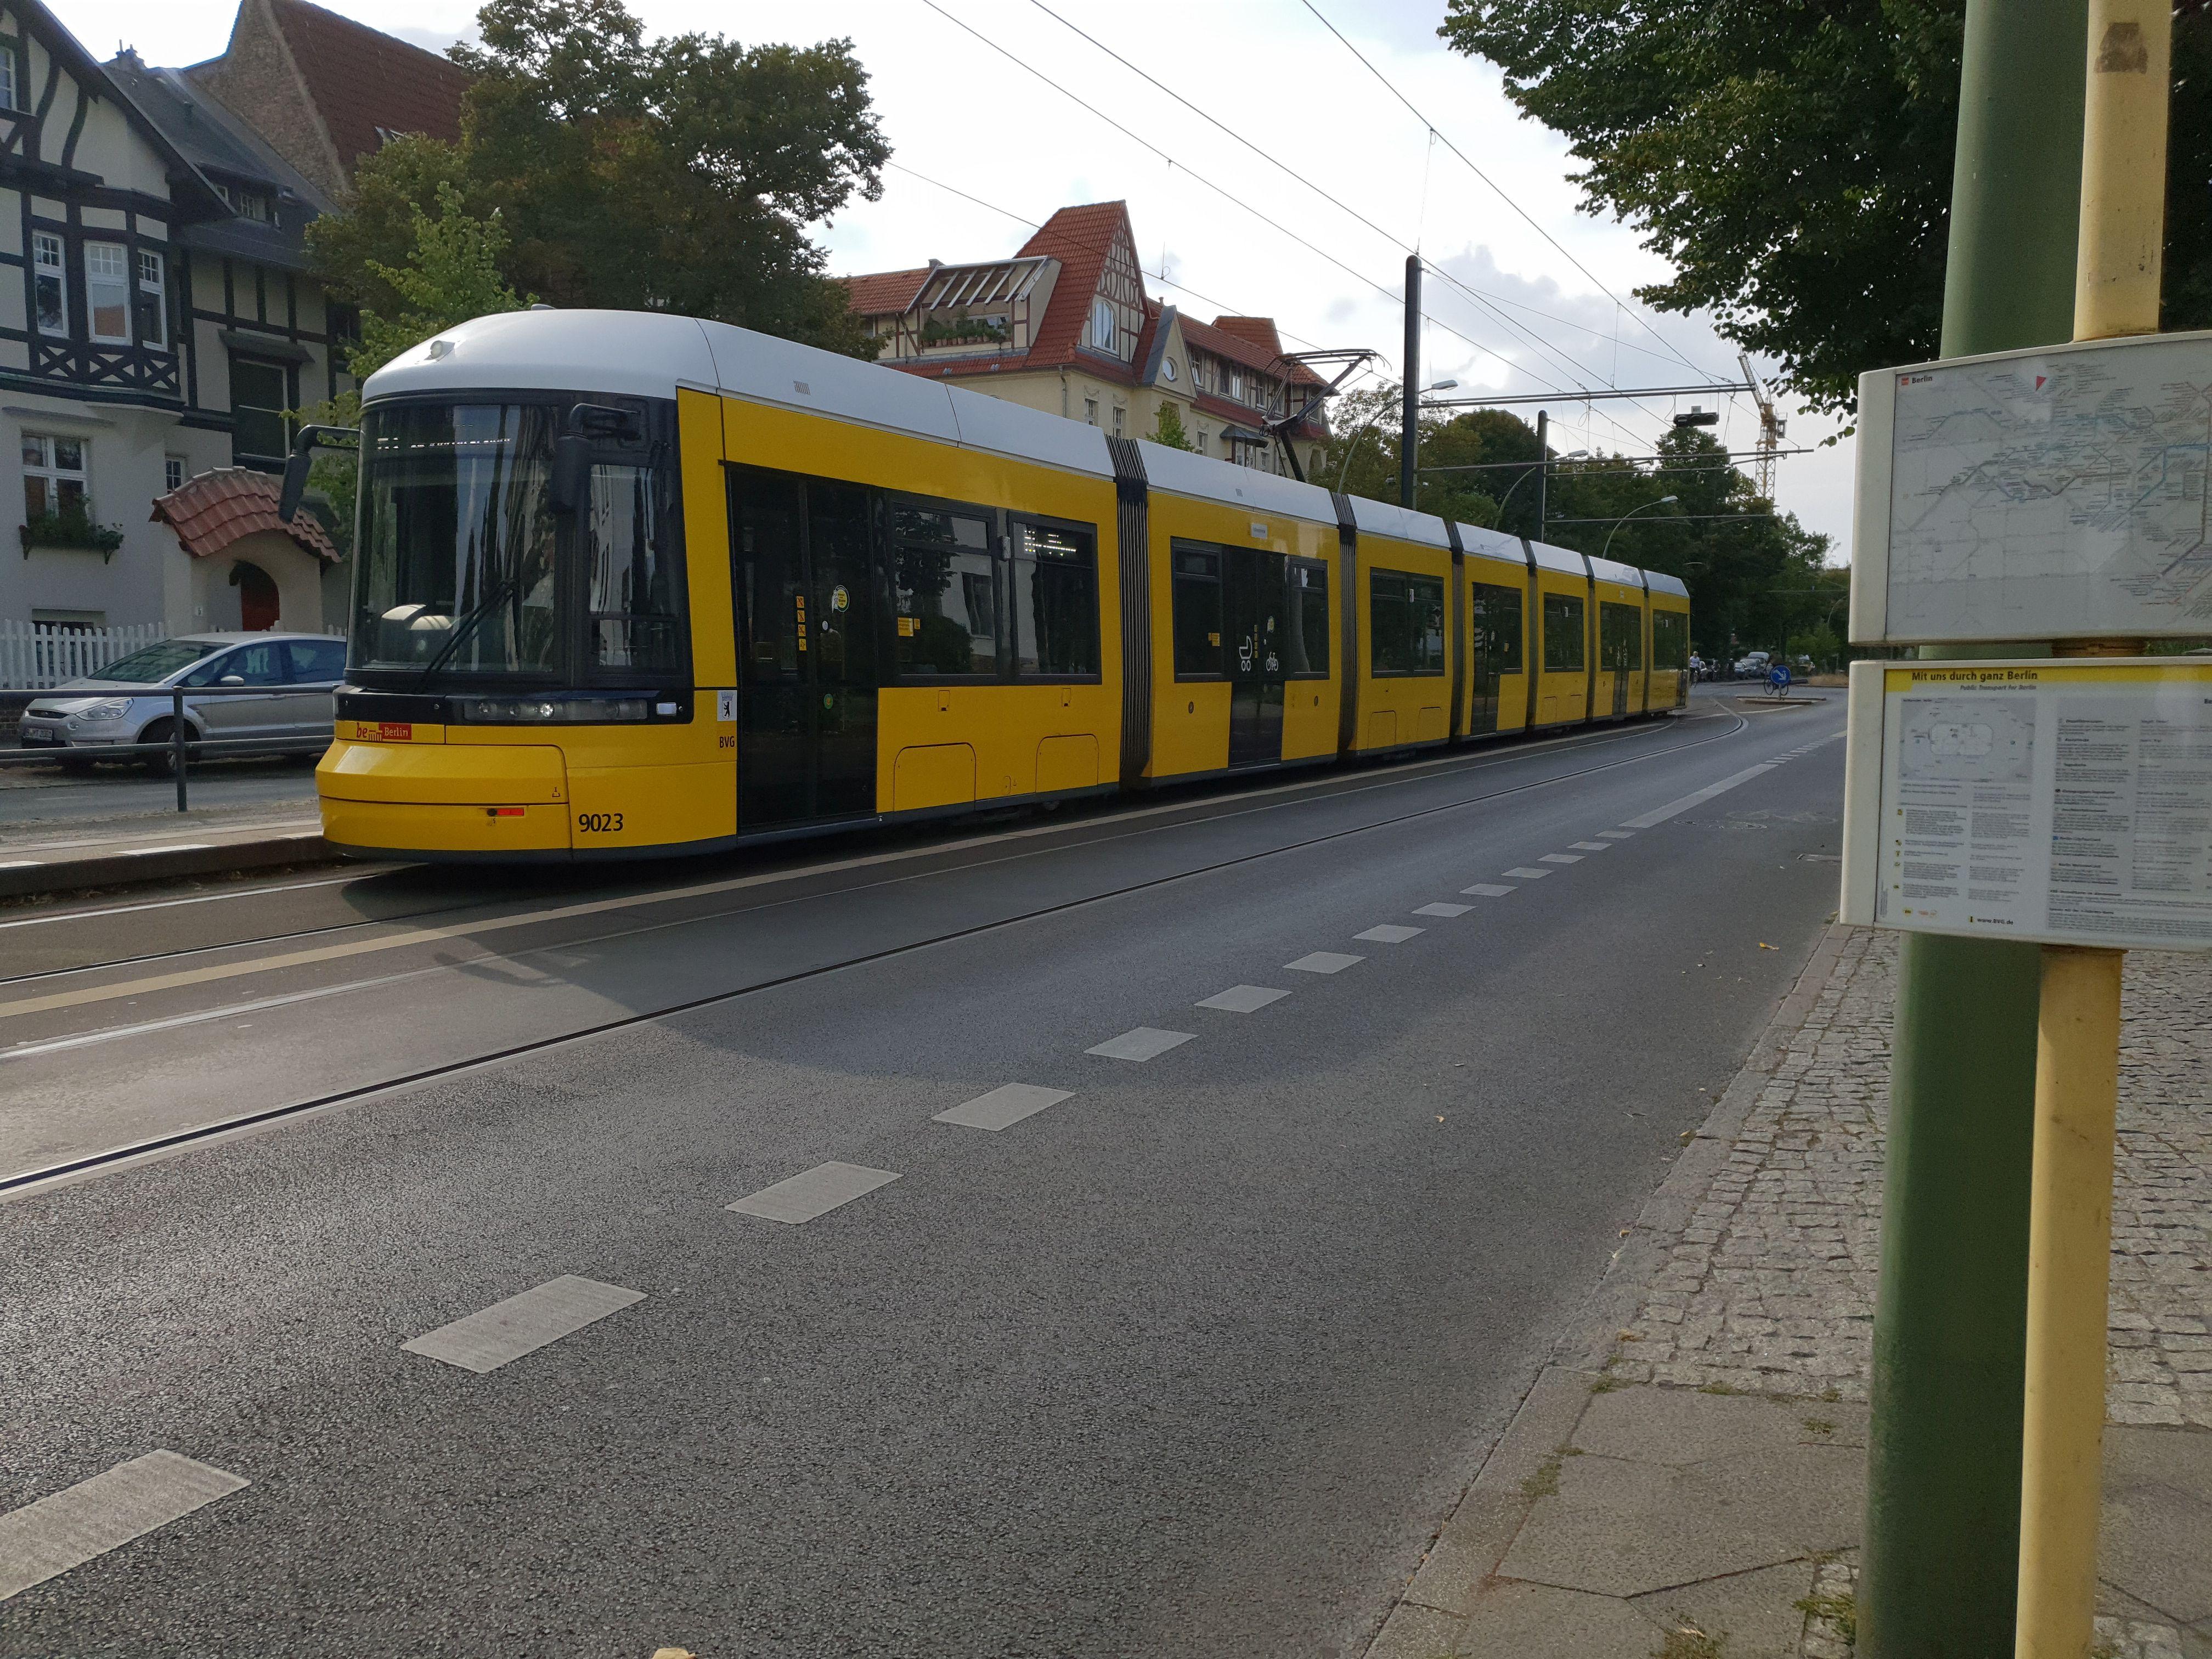 Foto: Straßenbahn 9023, Typ Flexity ZRL, Niederschönhausen, August 2018